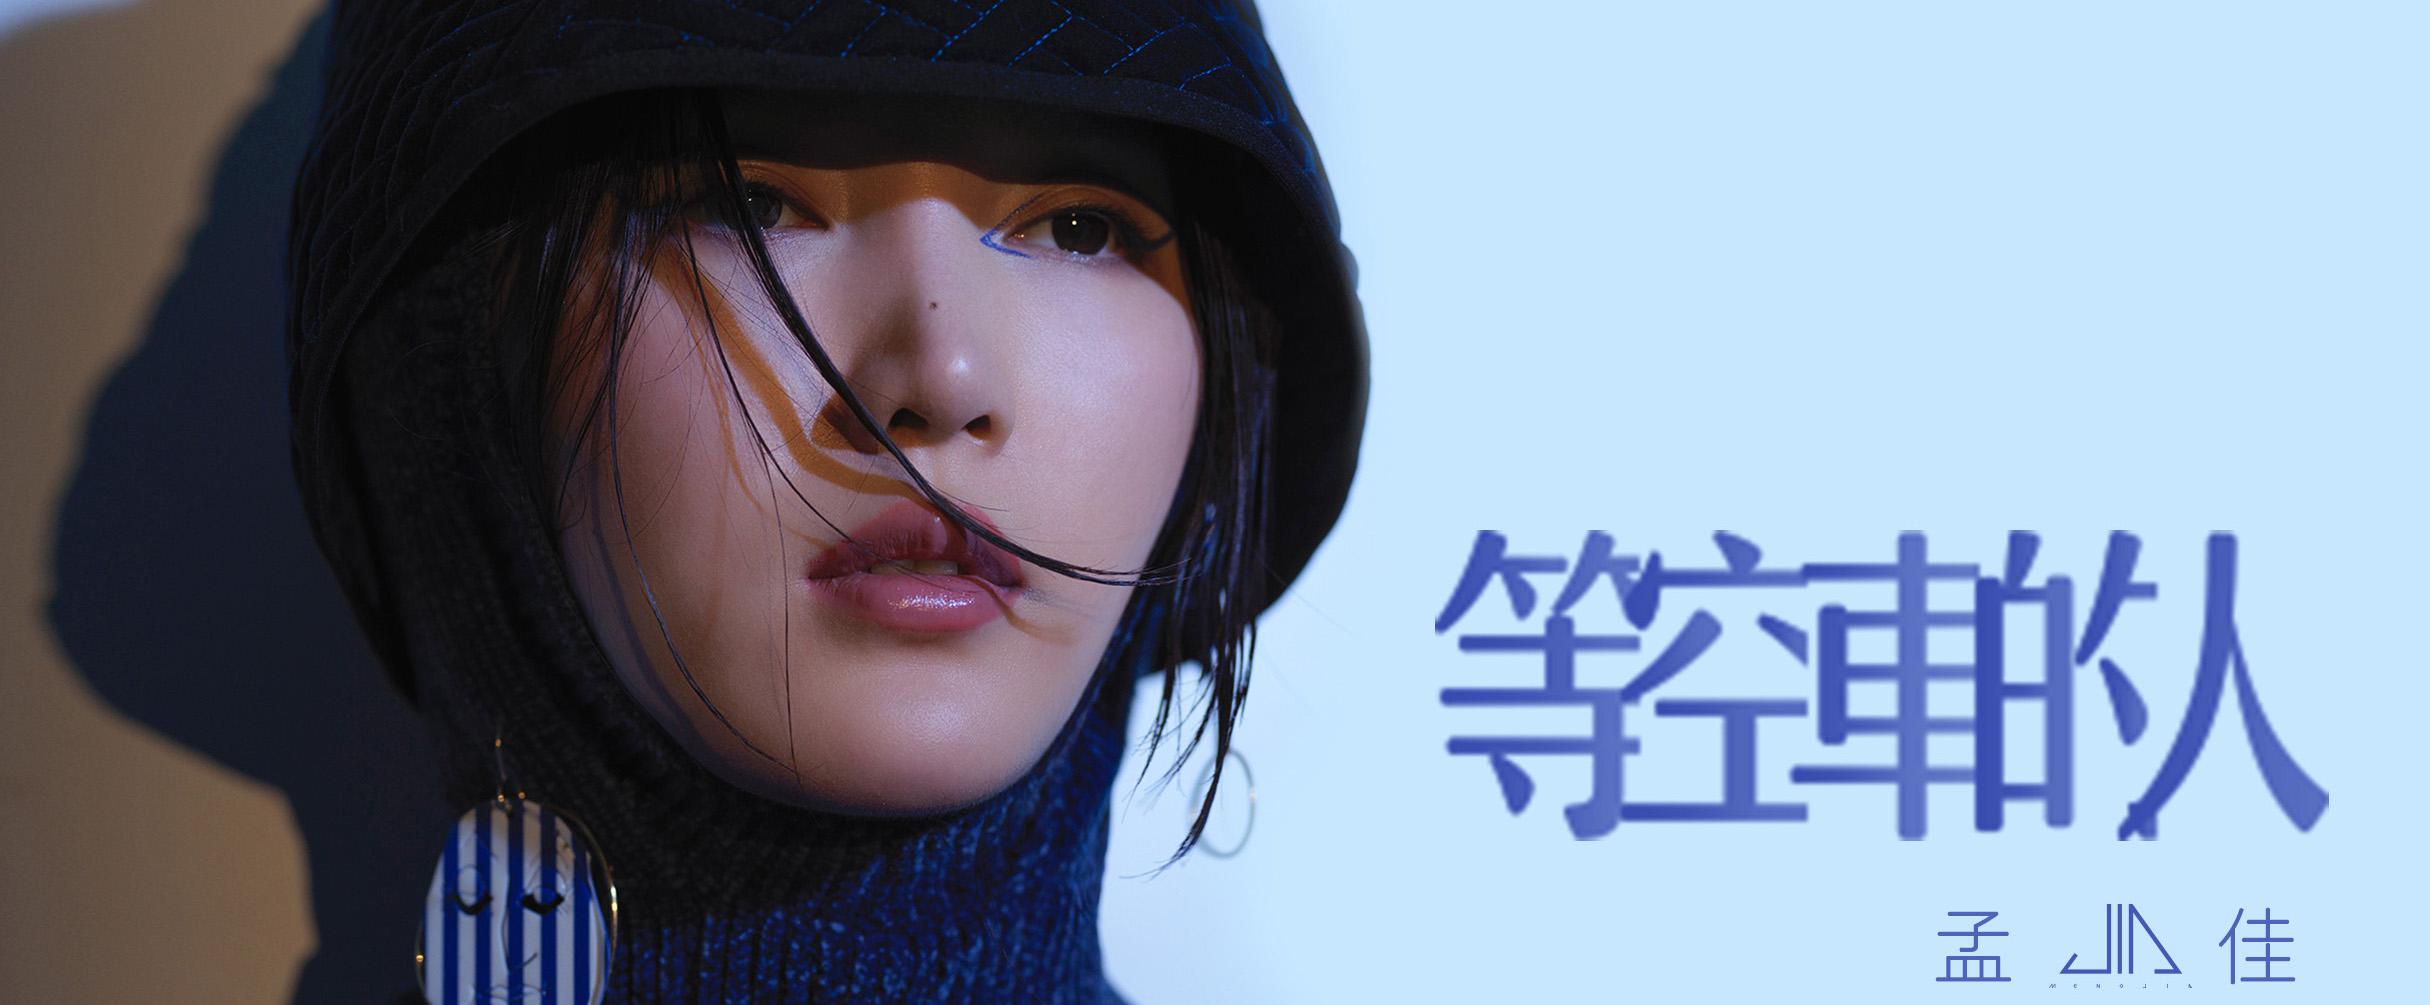 孟佳最新单曲《等空车的人》今日全网上线